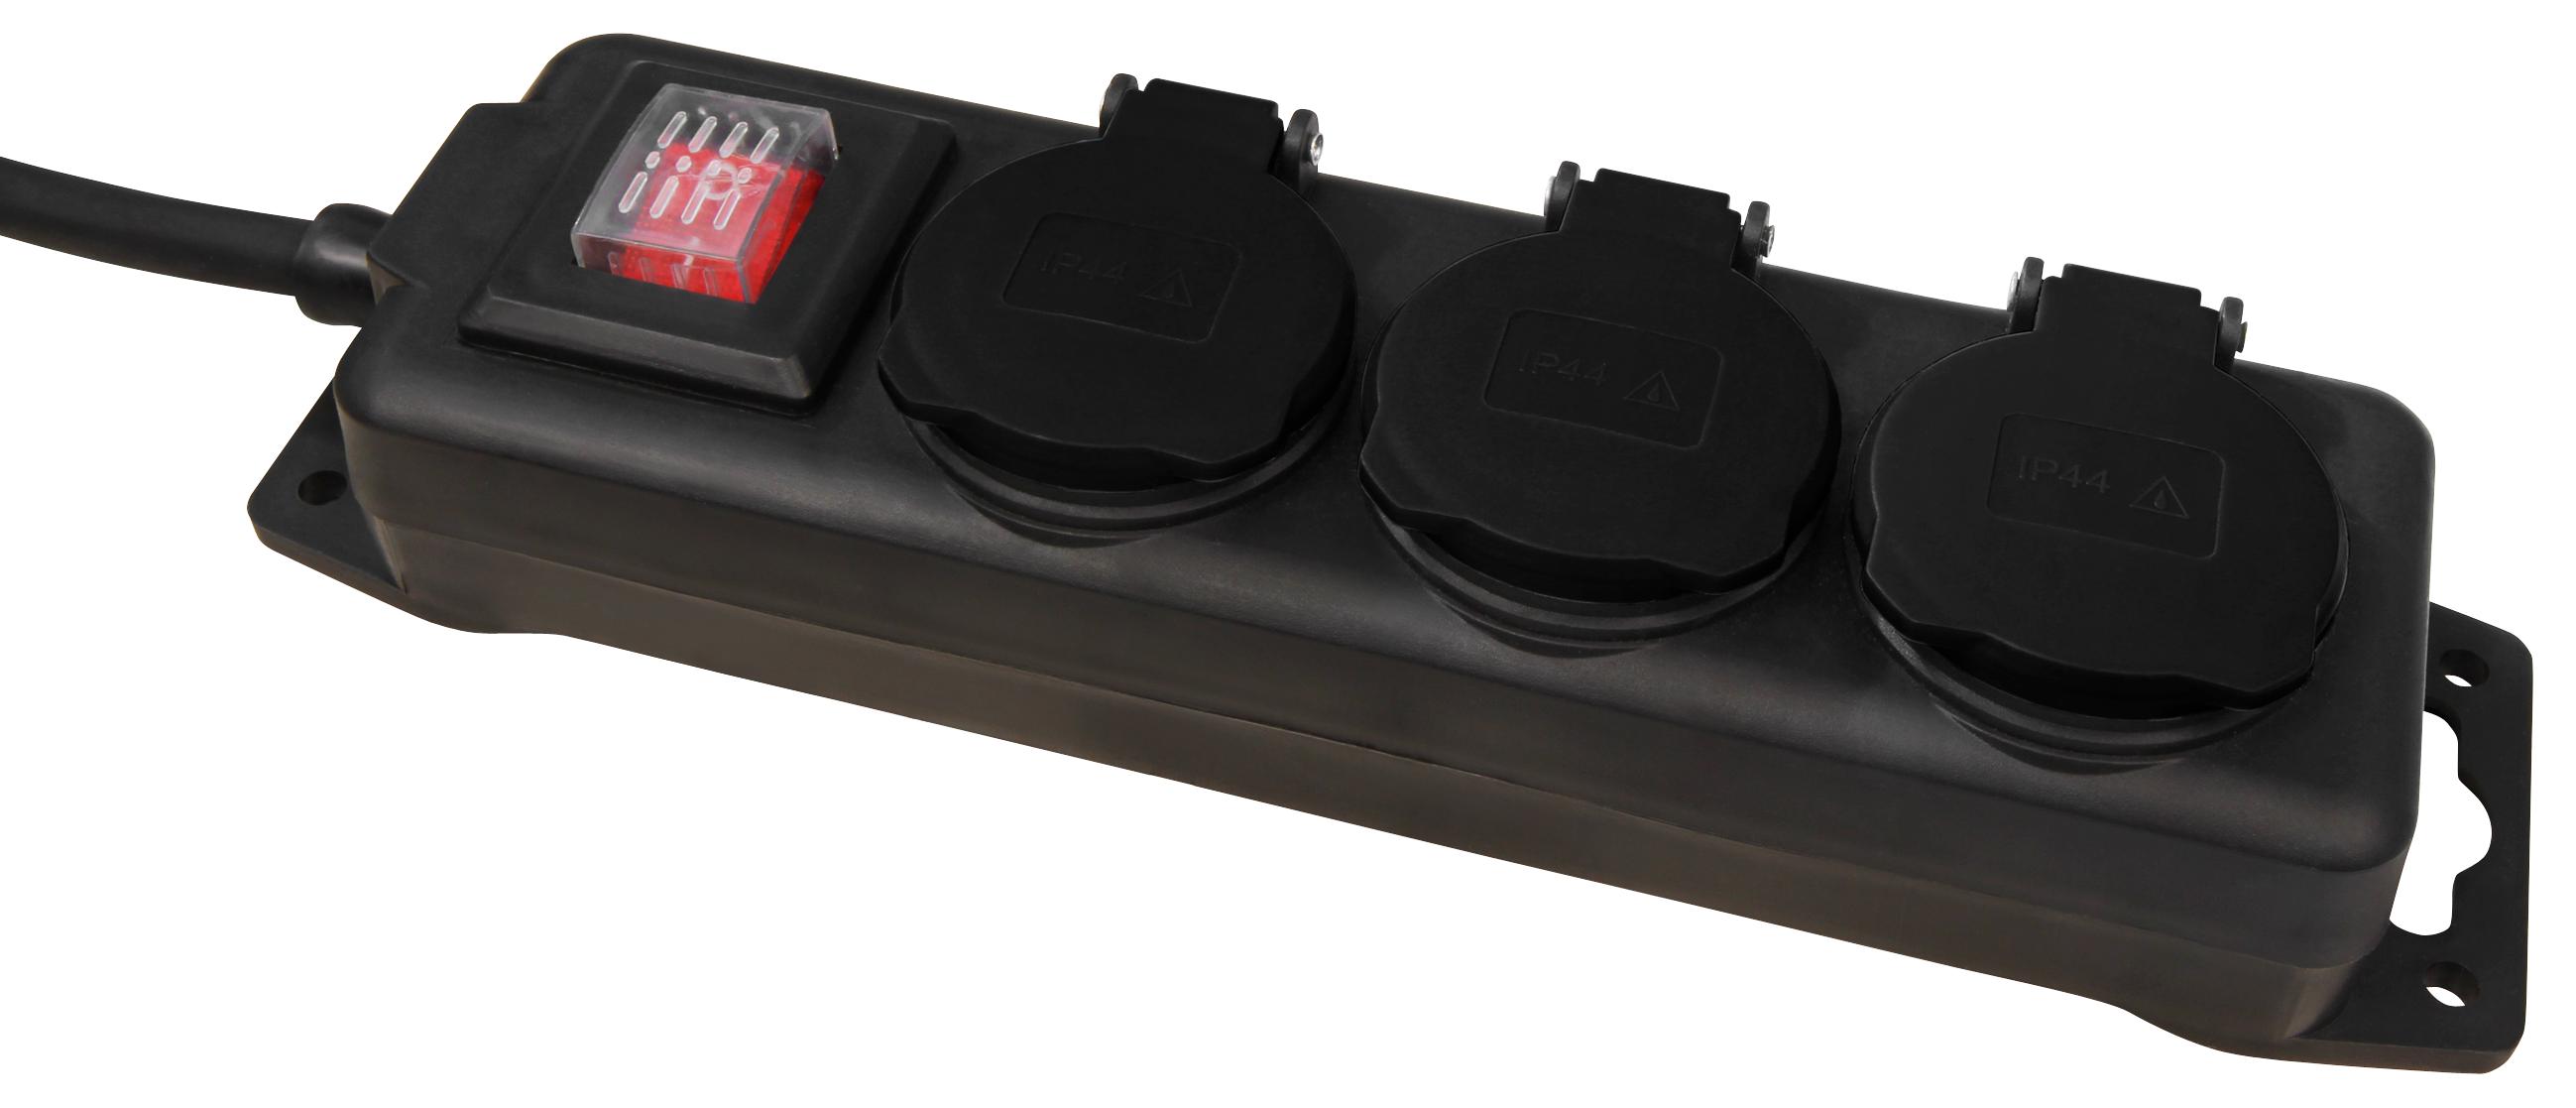 Bekannt Garten-Steckdosenleiste McPower, 3-fach mit Schalter, IP44 für LP08